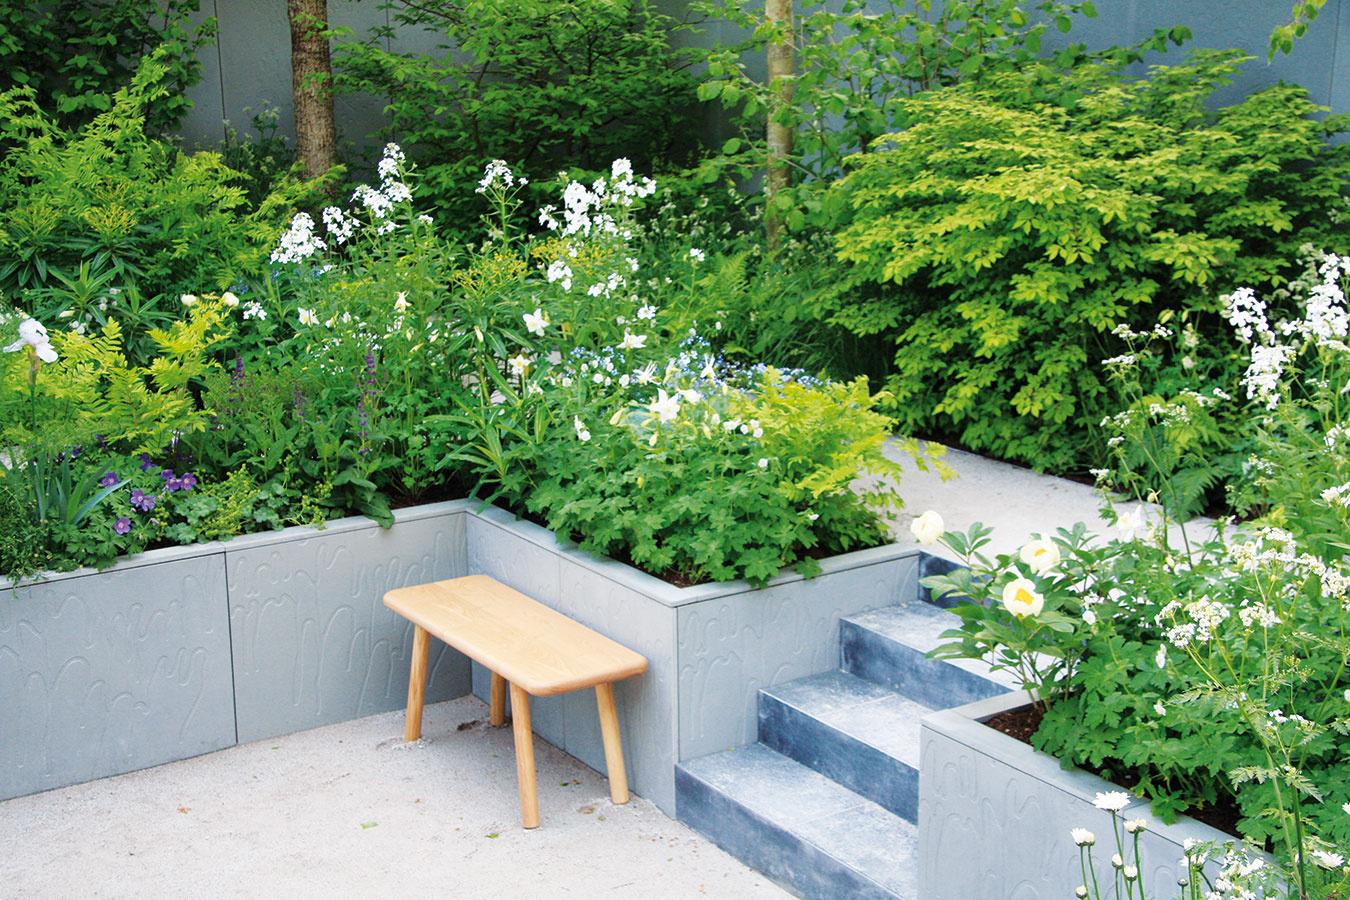 Základné pravidlá pri tvorbe záhrad zostávajú nemenné, každý rok ale prináša nové trendy, podobne ako vmóde či interiérovom dizajne. Svoju záhradu môžete poňať napríklad absolútne tradične adoplniť ju jedným či viacerými aktuálne trendovými prvkami – použitím konkrétnych rastlinných druhov, farebnosti alebo materiálu. Iným prístupom je vytvoriť celú záhradu vich duchu. Jedným ztakýchto prístupov sú vsúčasnosti obľúbené záhrady, ktoré predstavujú akési rozšírenie interiéru domu − slúžia na oddych arelax, kúpanie ačasto sa tu nachádza aj plne vybavená exteriérová kuchyňa či pracovisko. Vkurze sú tiež záhrady, ktoré pomáhajú eliminovať stres, čo možno docieliť najmä správnym výberom rastlín.